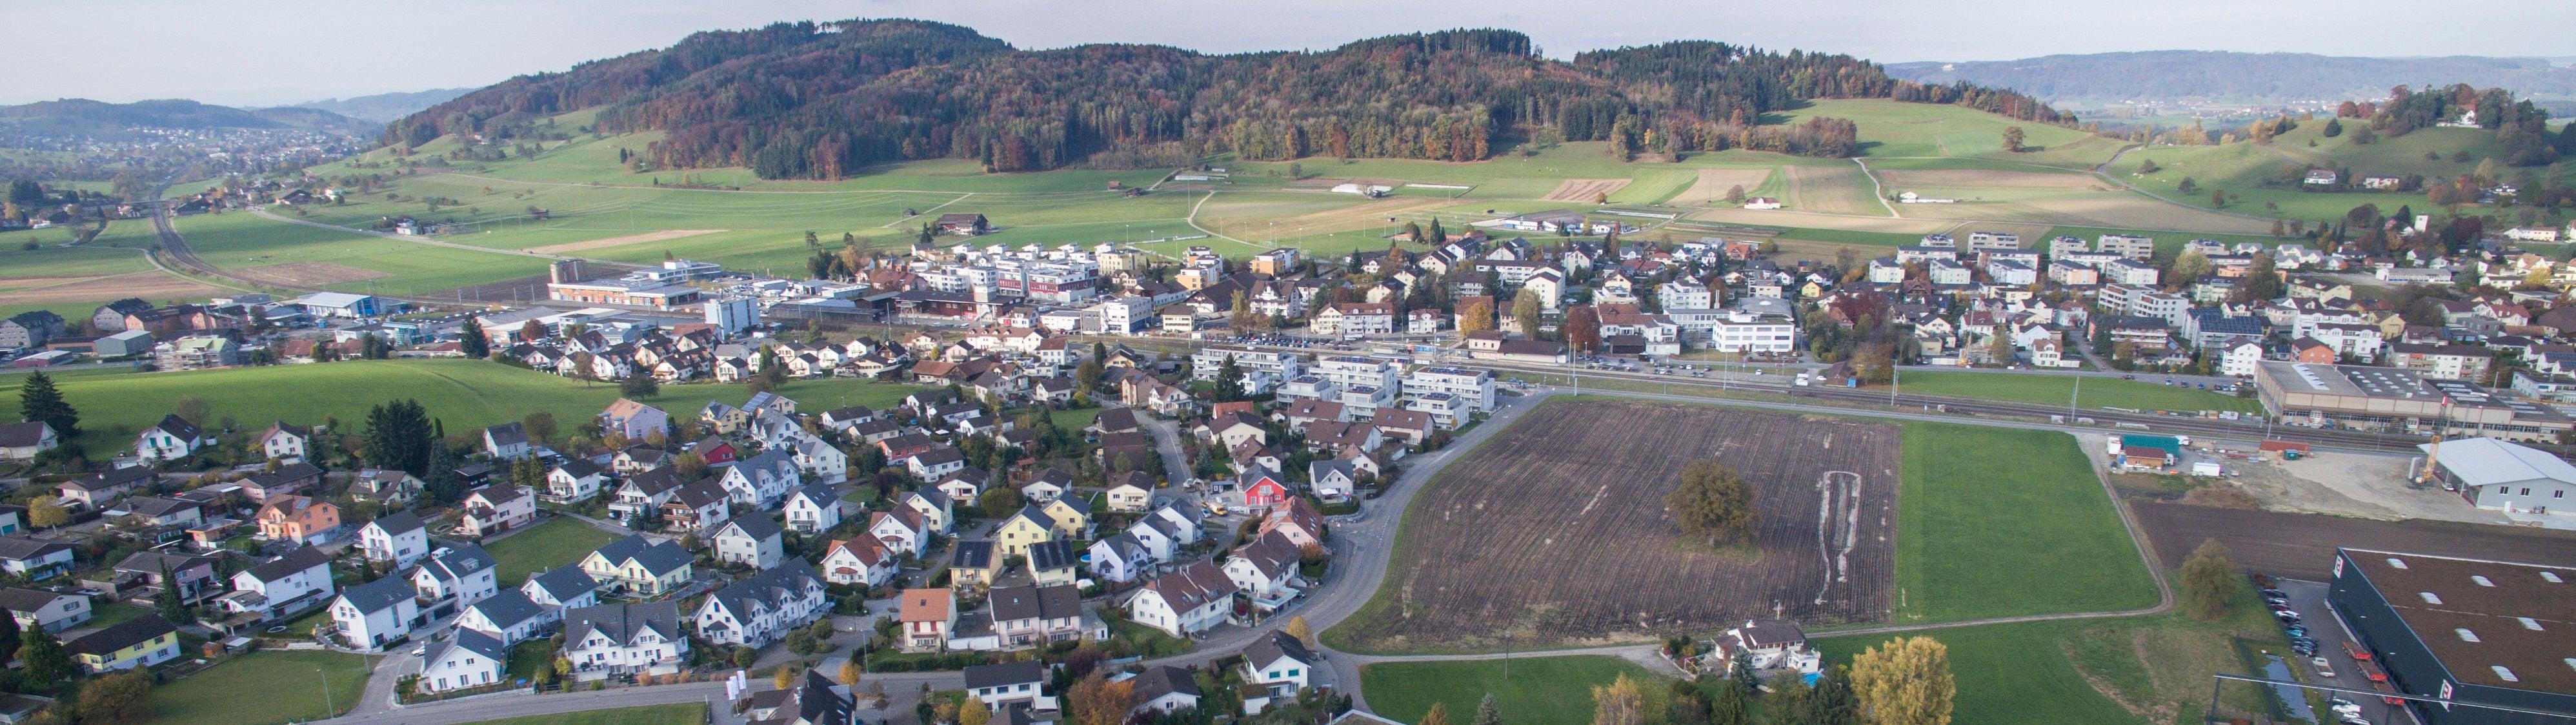 Eschlikon